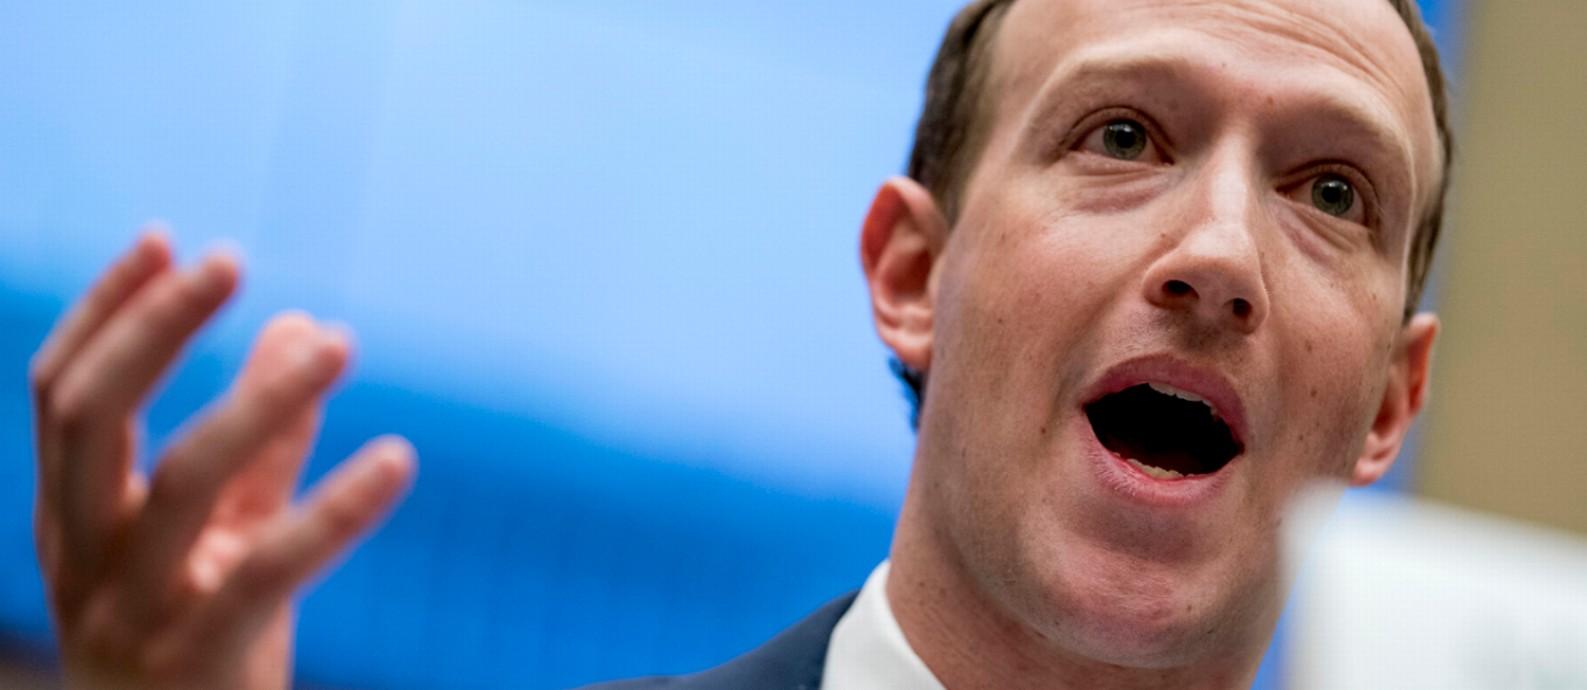 O fundador do Facebook, Mark Zuckerberg, em discurso à Câmara dos Representantes, nos EUA Foto: Andrew Harnik / AP